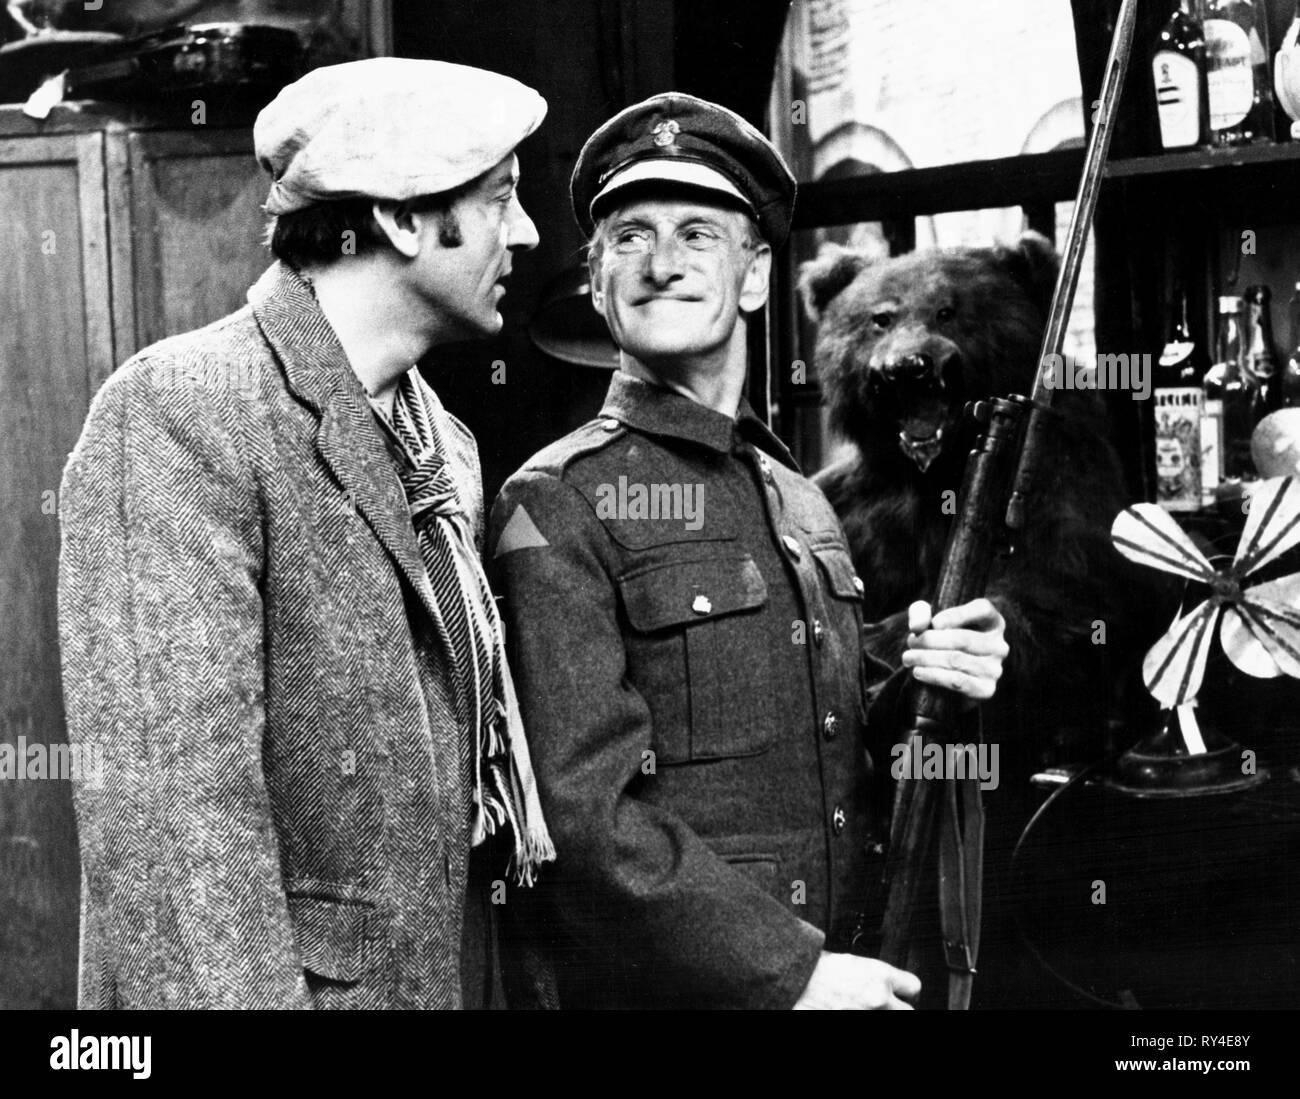 CORBETT,BRAMBELL, STEPTOE AND SON  PILGRIM'S PROGRESS, 1965 - Stock Image